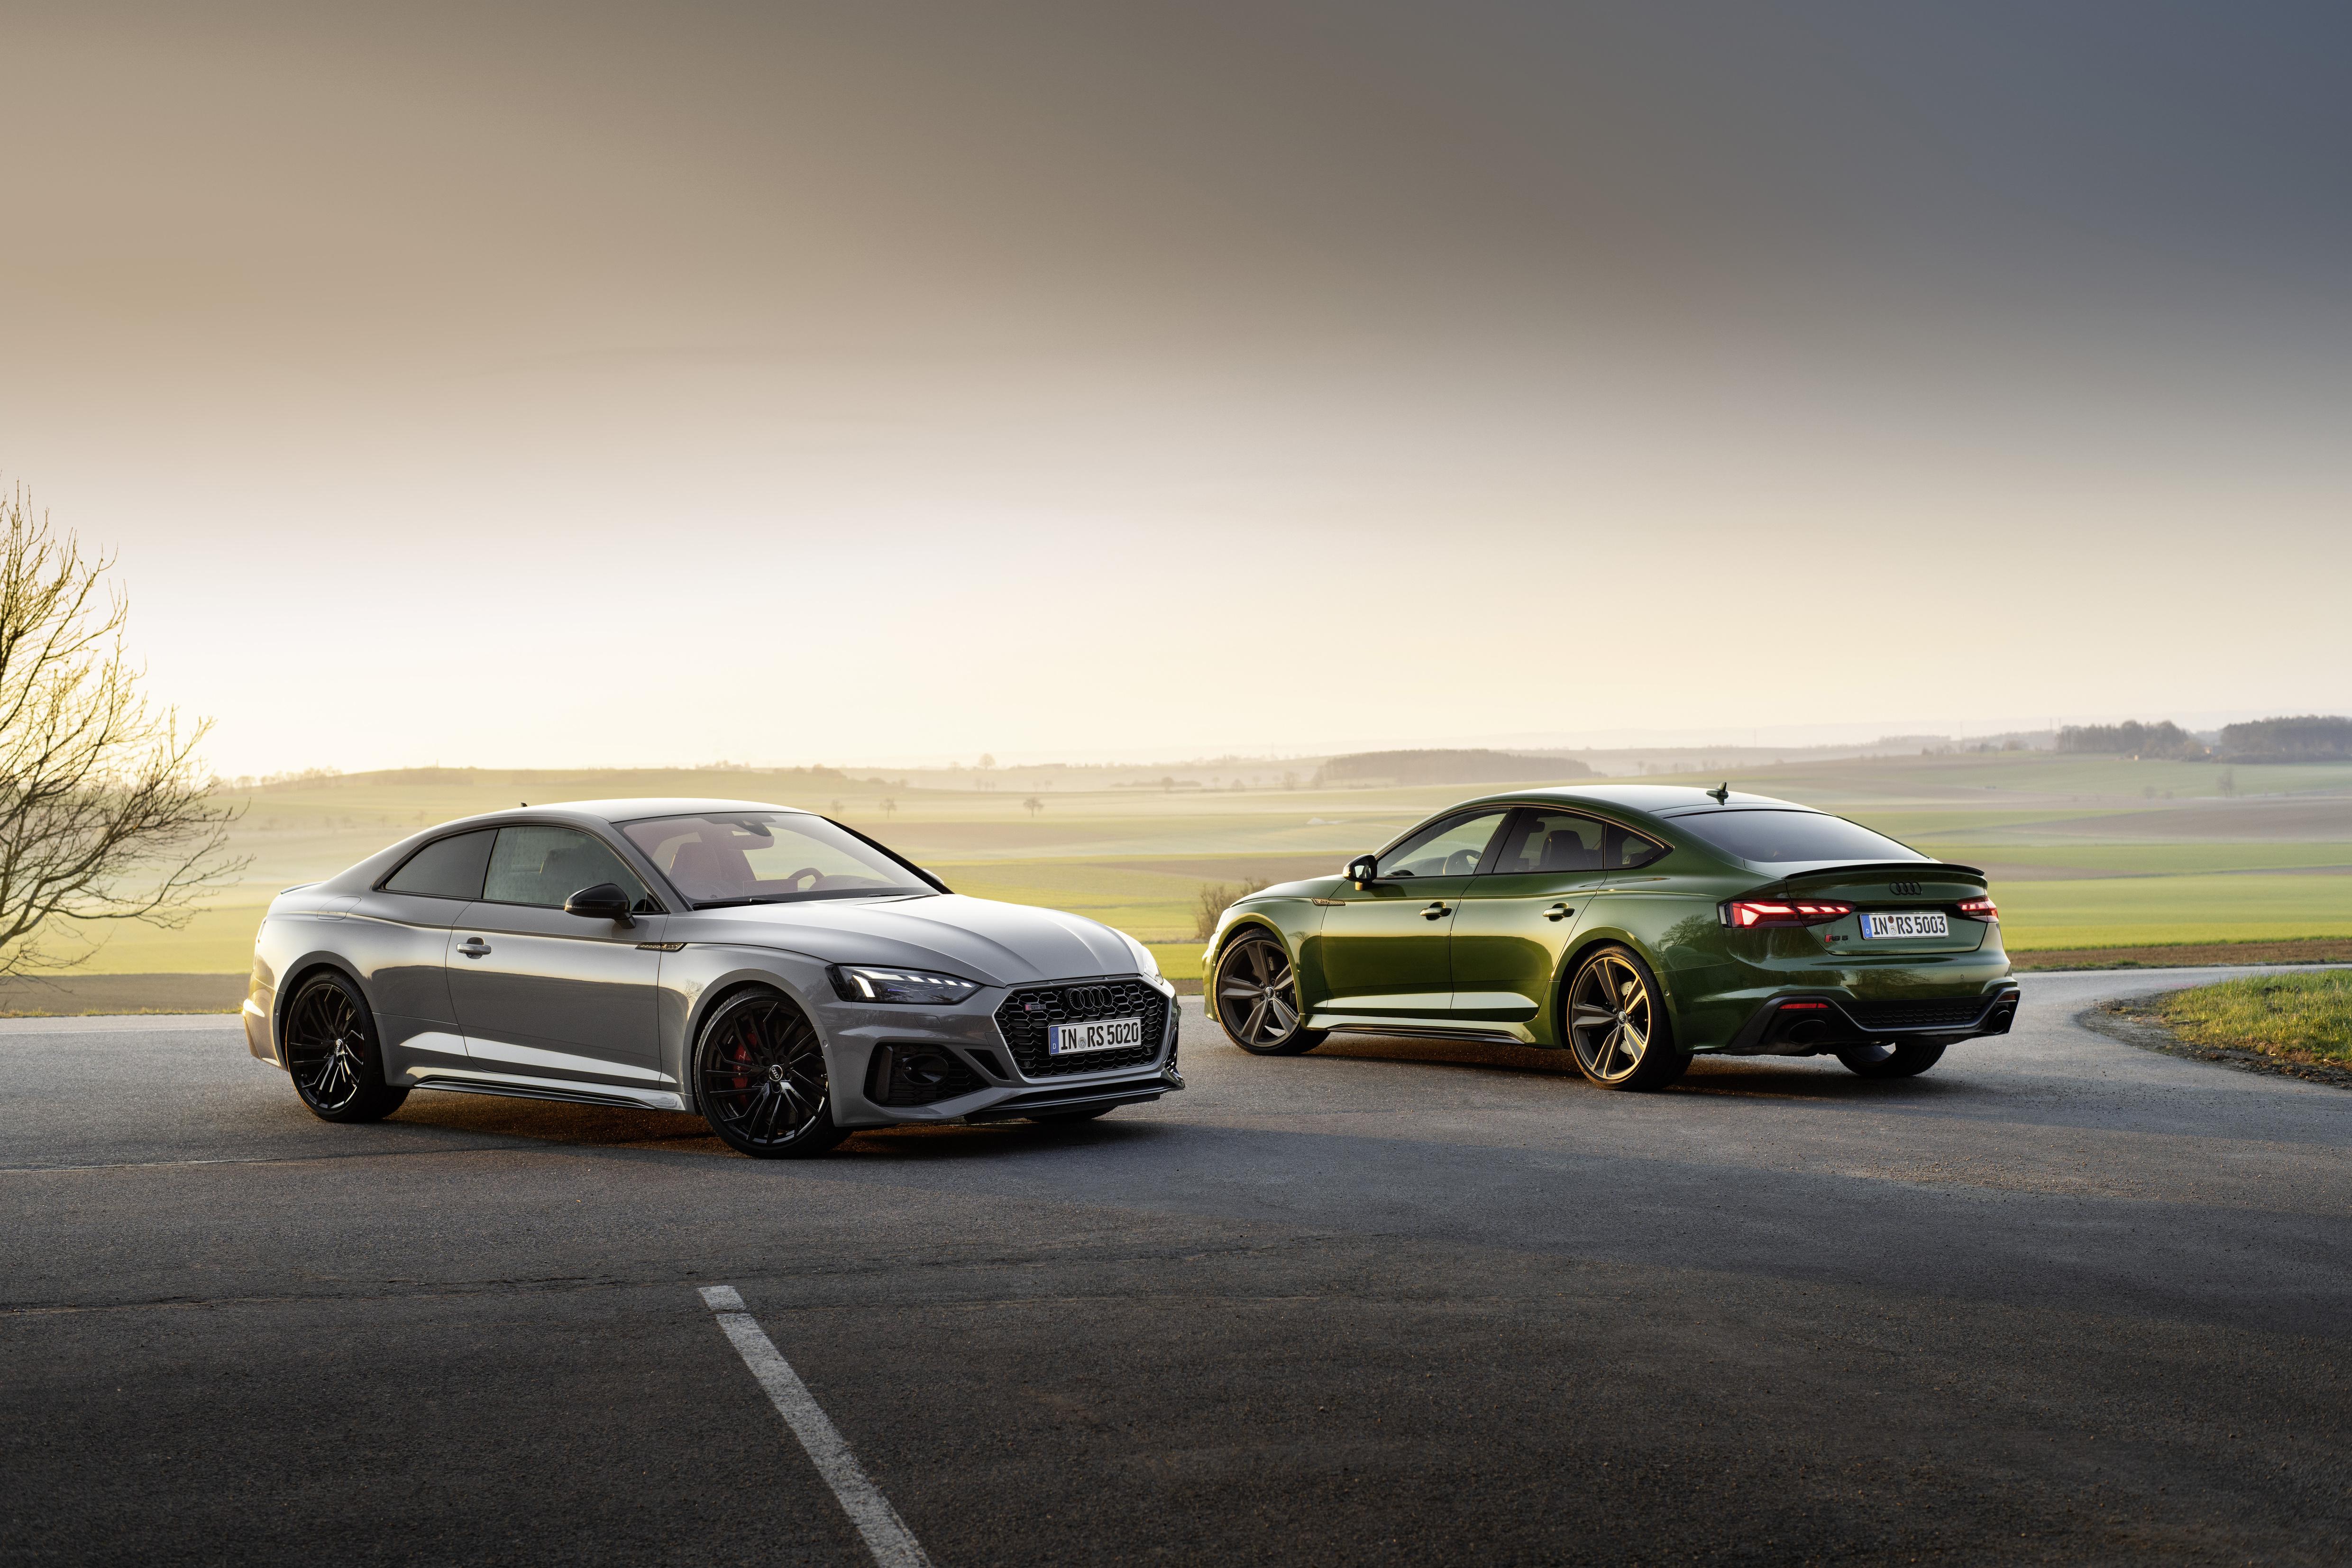 Coupé oder viertüriger Sportback - das sind die zwei Karosserie-Varianten, mit denen der Audi RS 5 angeboten wird.